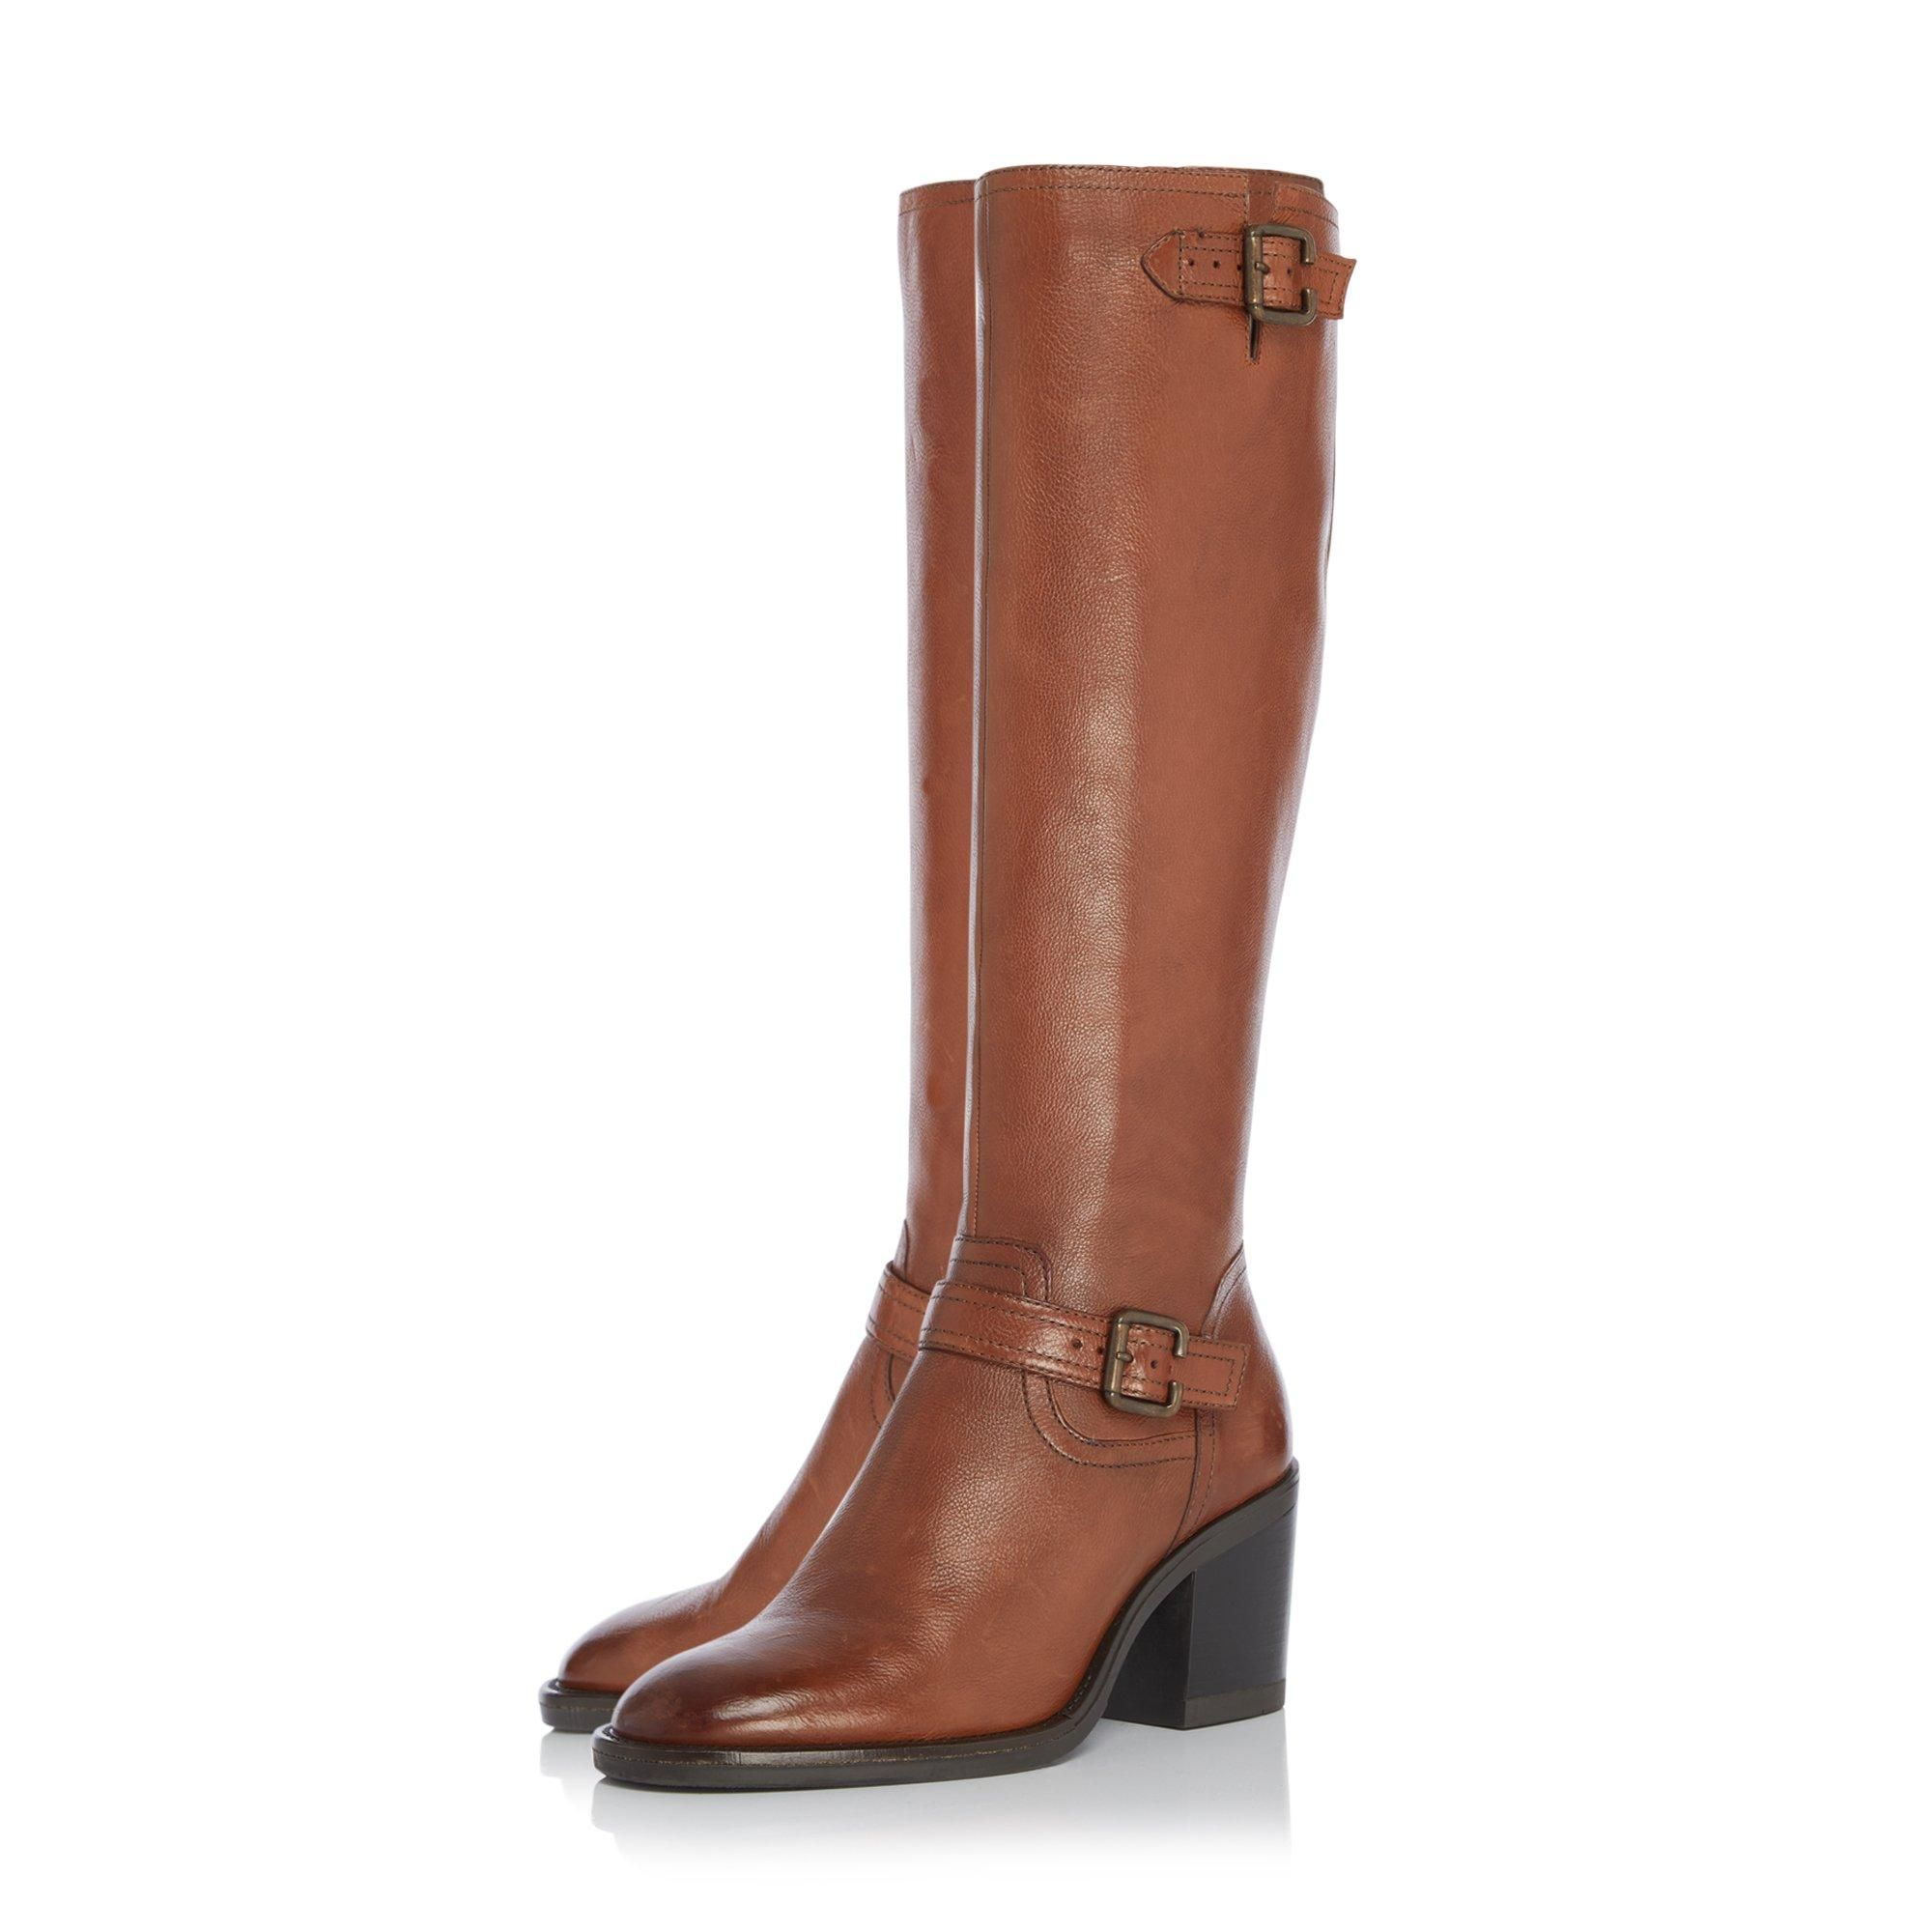 Dune Ladies TRELIS Double Buckle Block Heel Knee High Boots